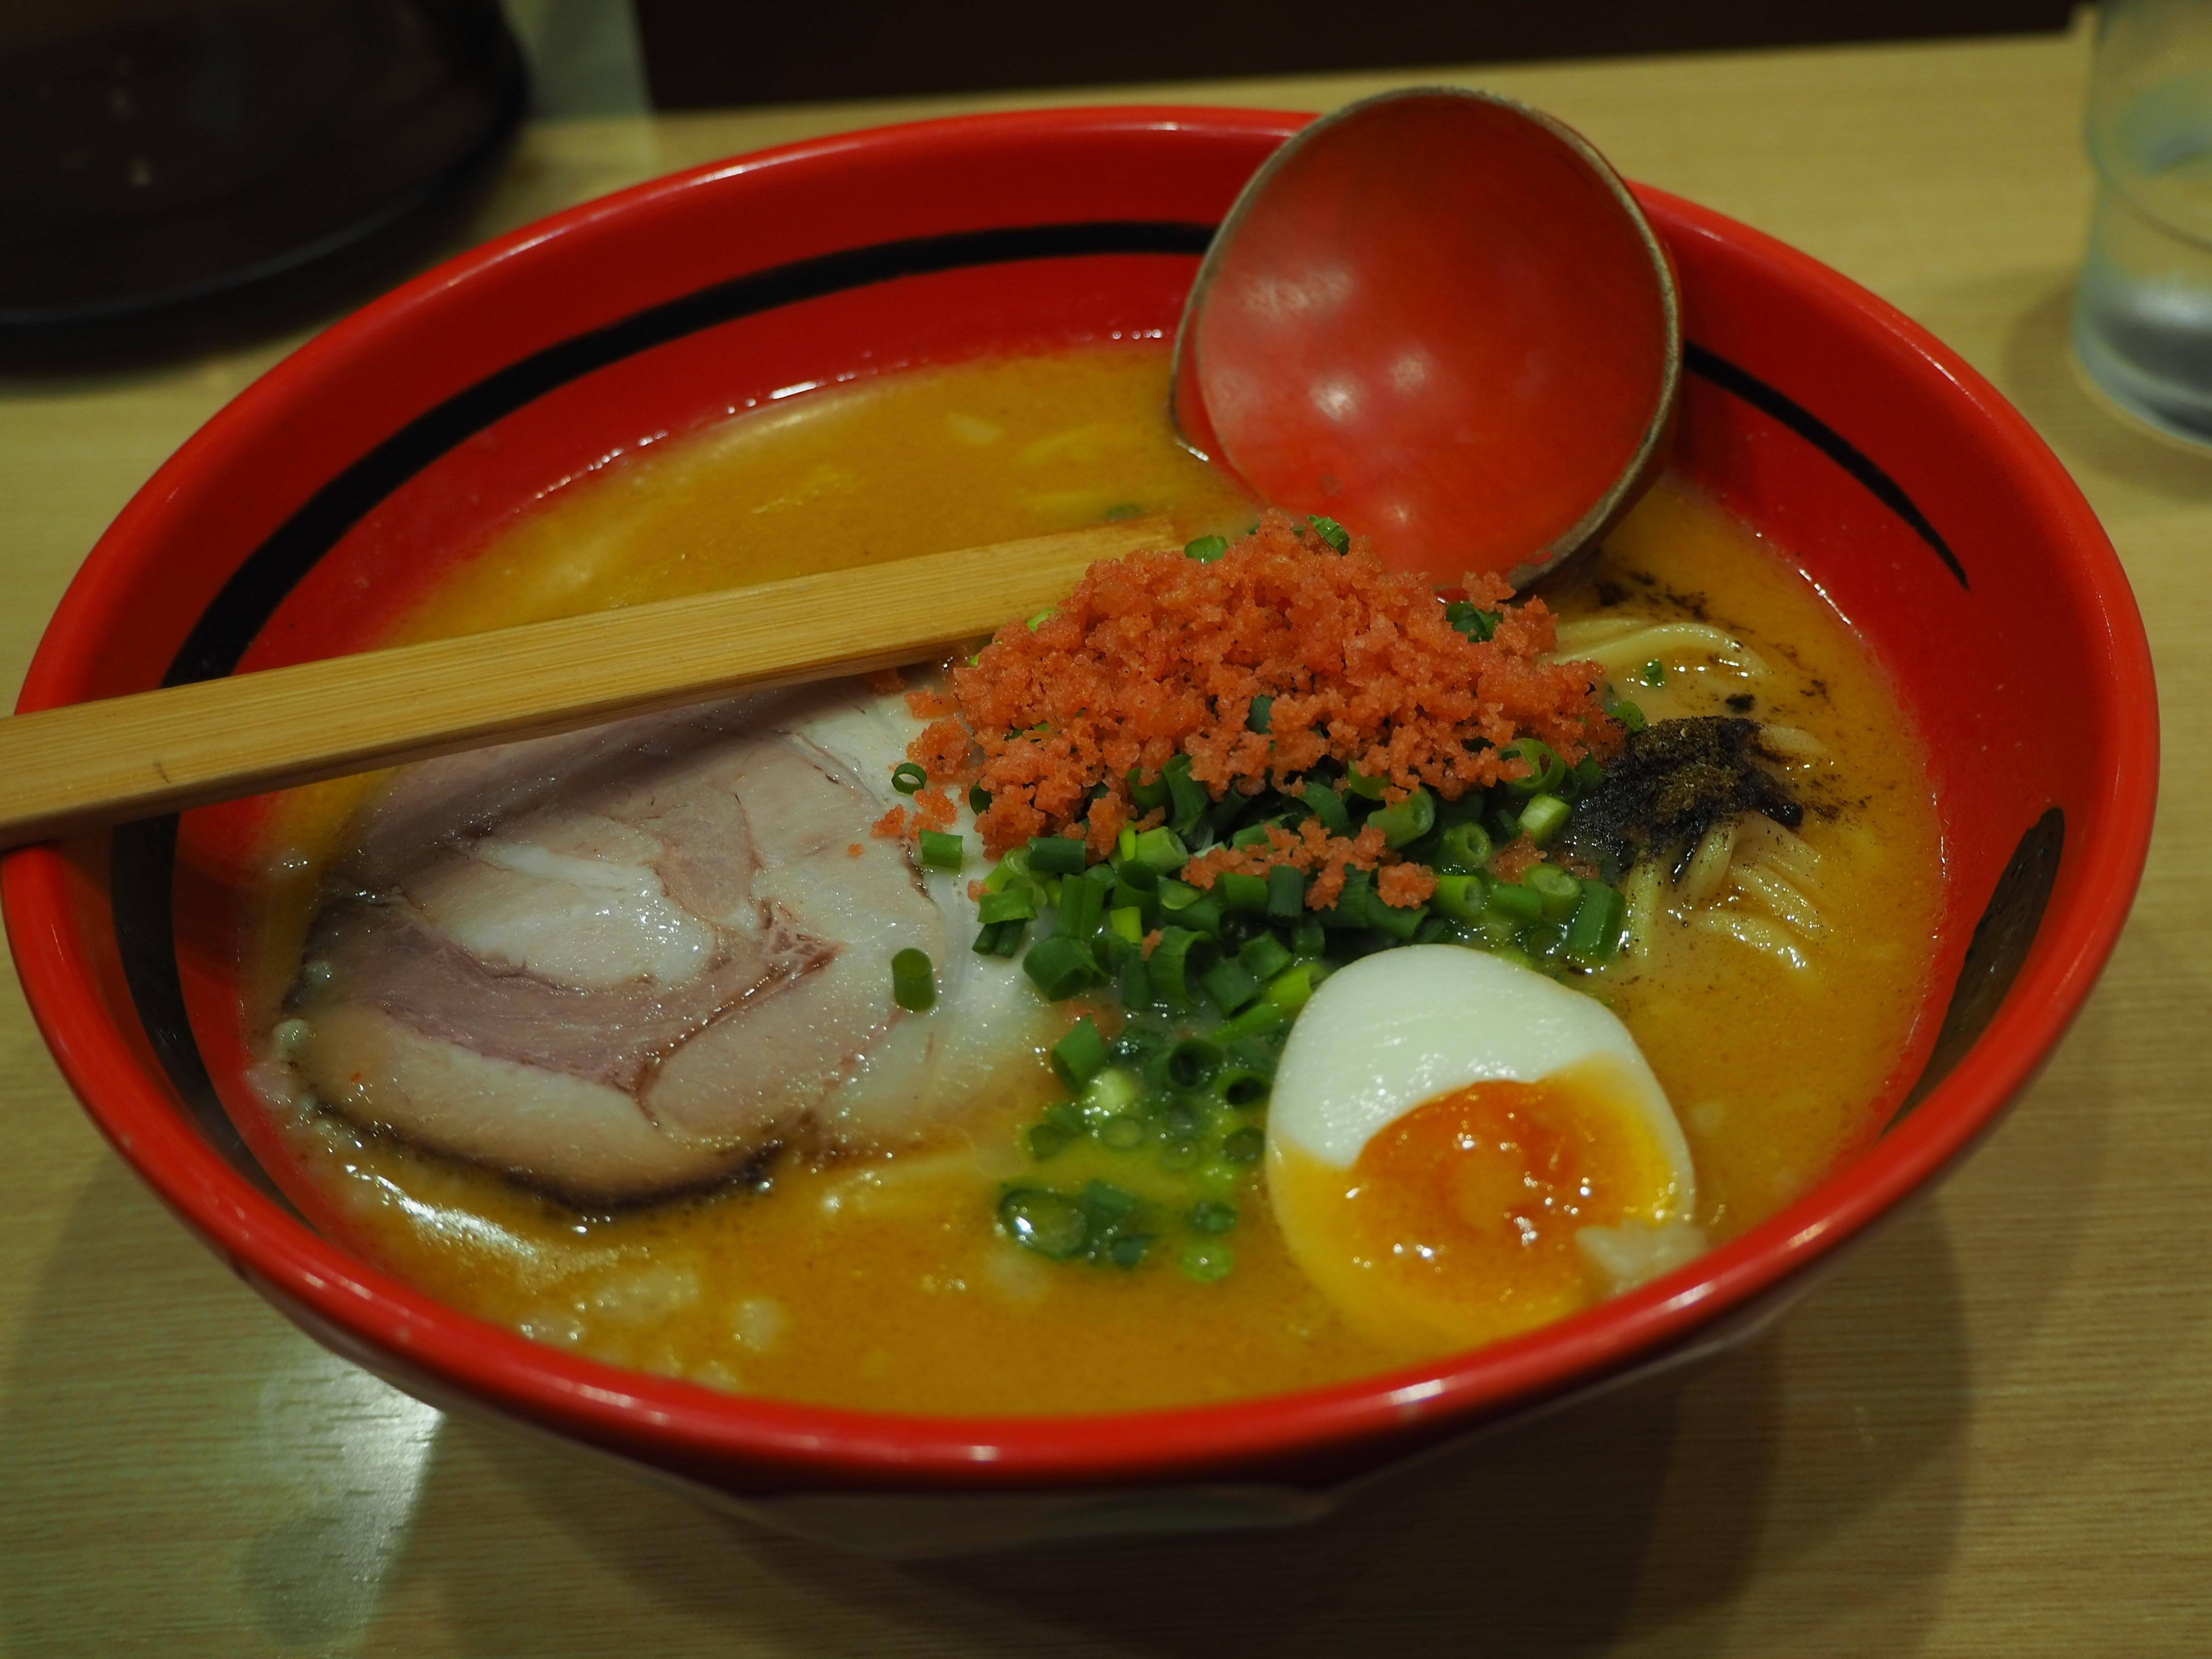 エビの風味がたまらない「一幻」!北海道のラーメンが道外でも食せる!